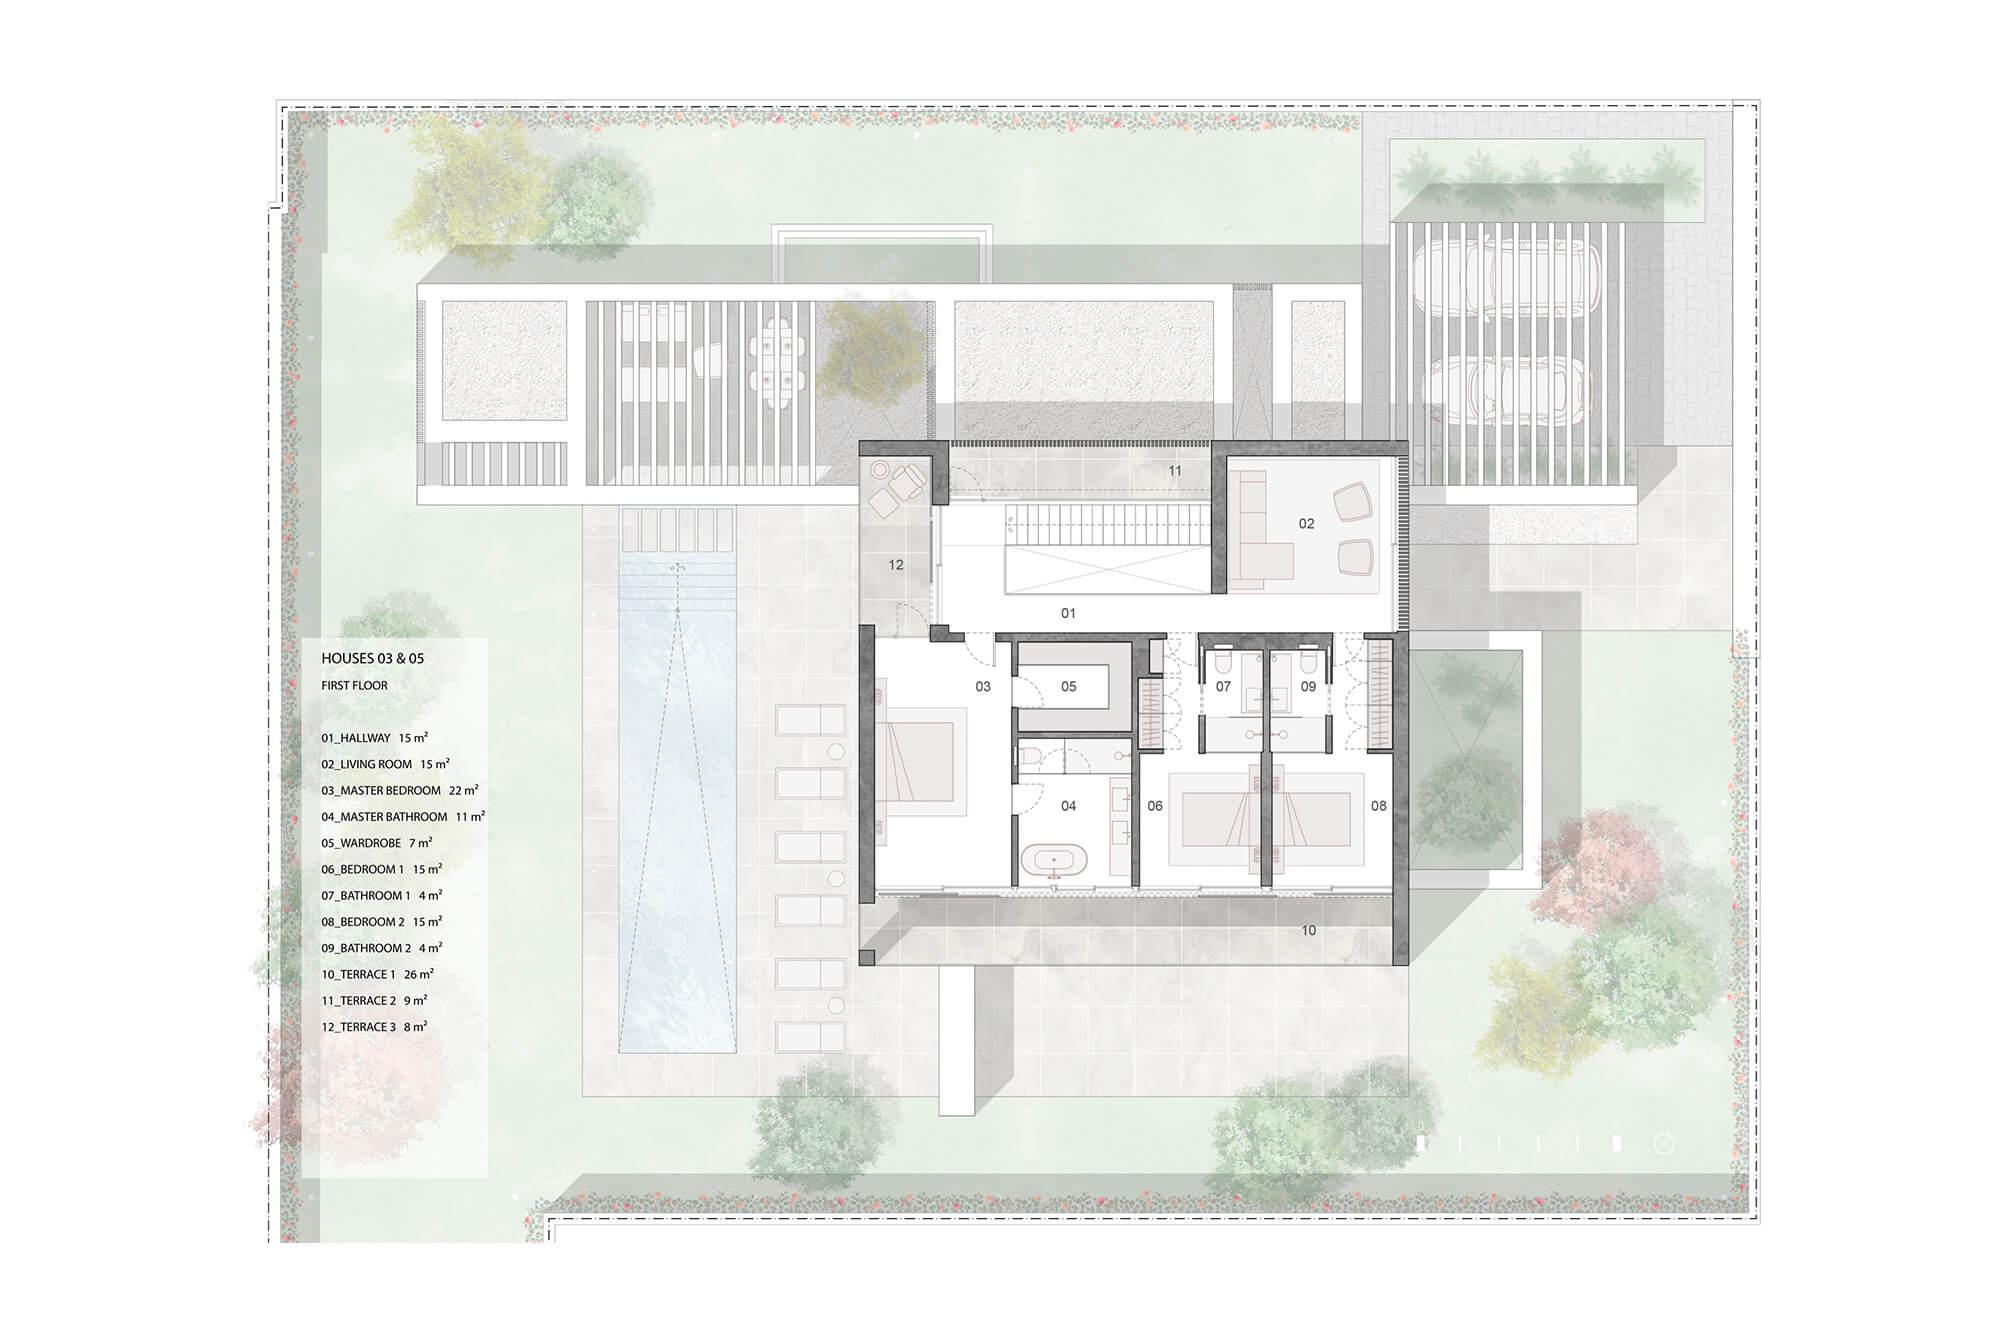 cortijo blanco beach villa vamoz te koop marbella costa del sol spanje nieuwbouw grondplan 3 verdieping